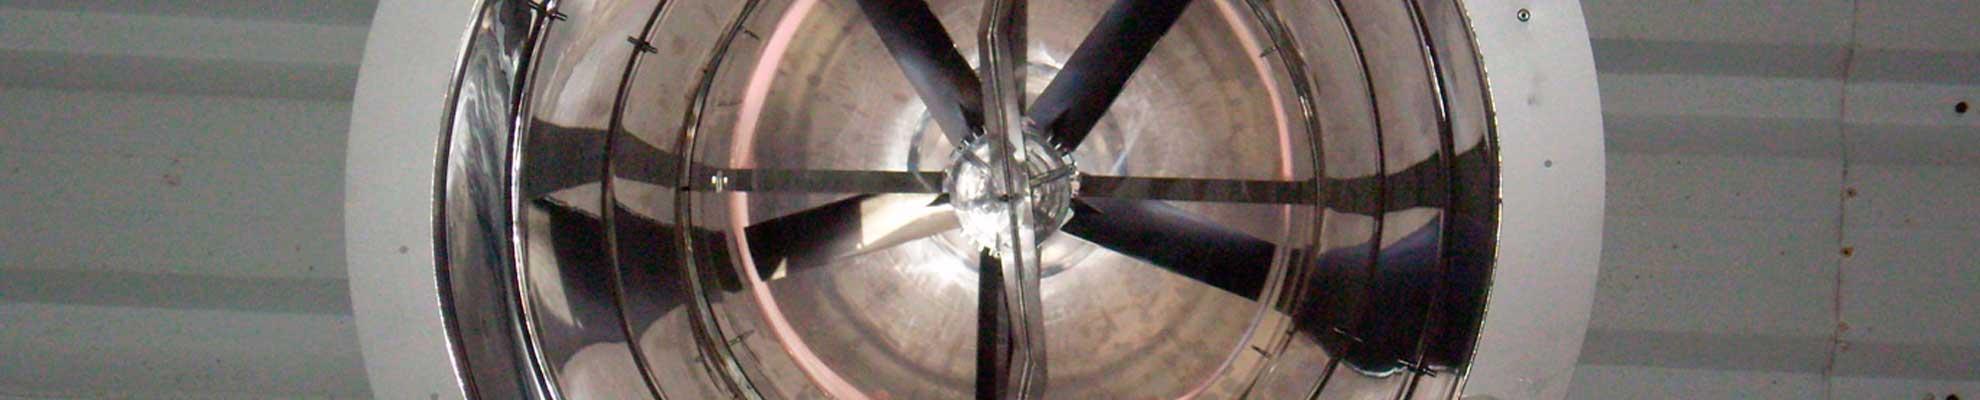 accesorios de ventilación industrial